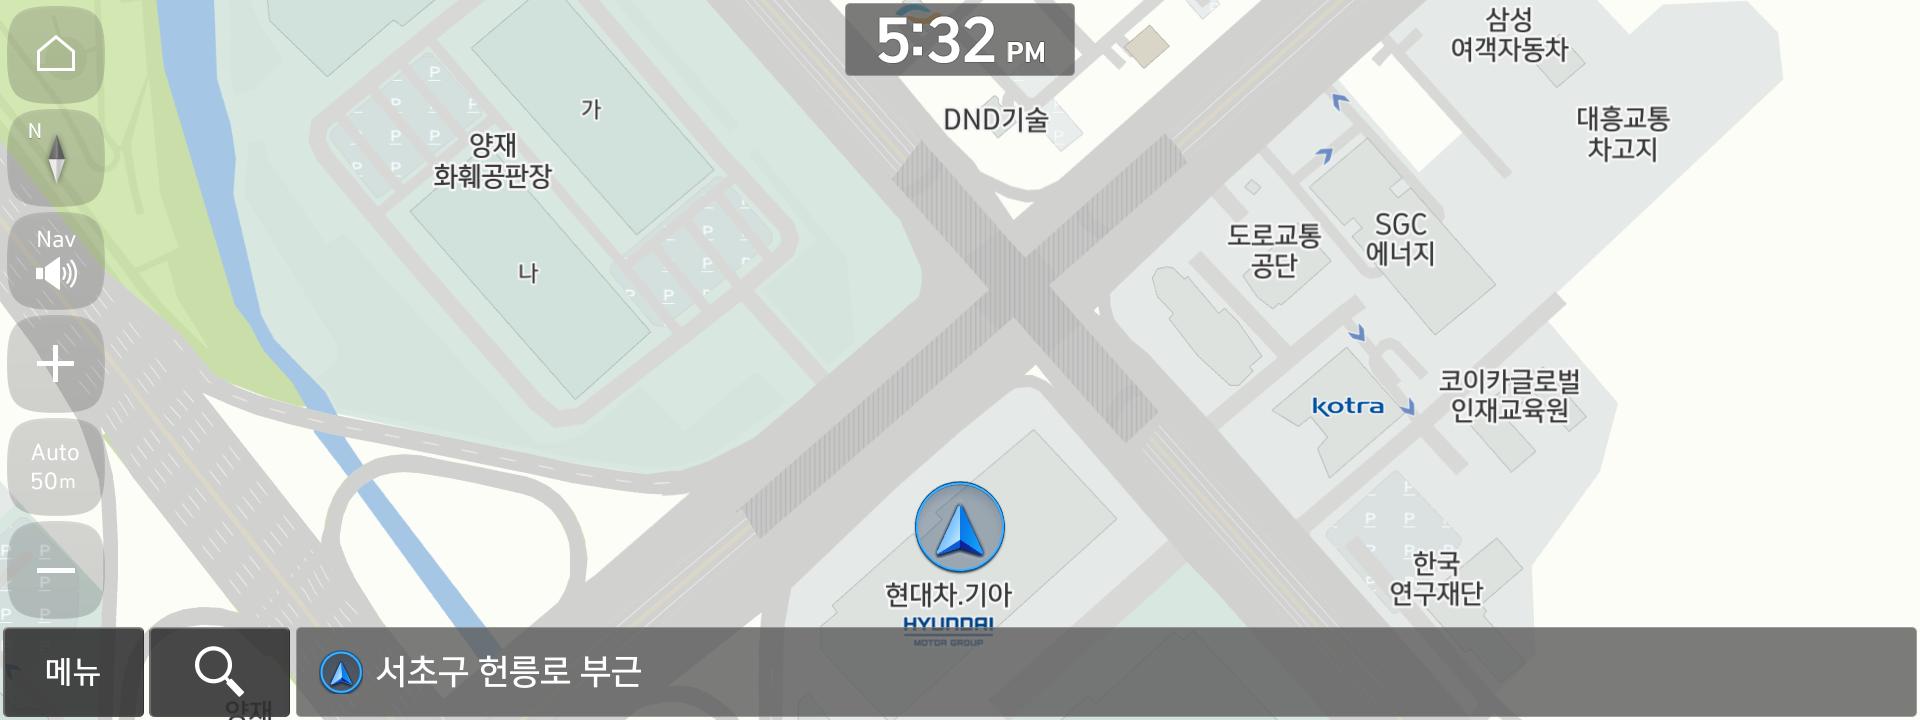 표5W_현대_1.png